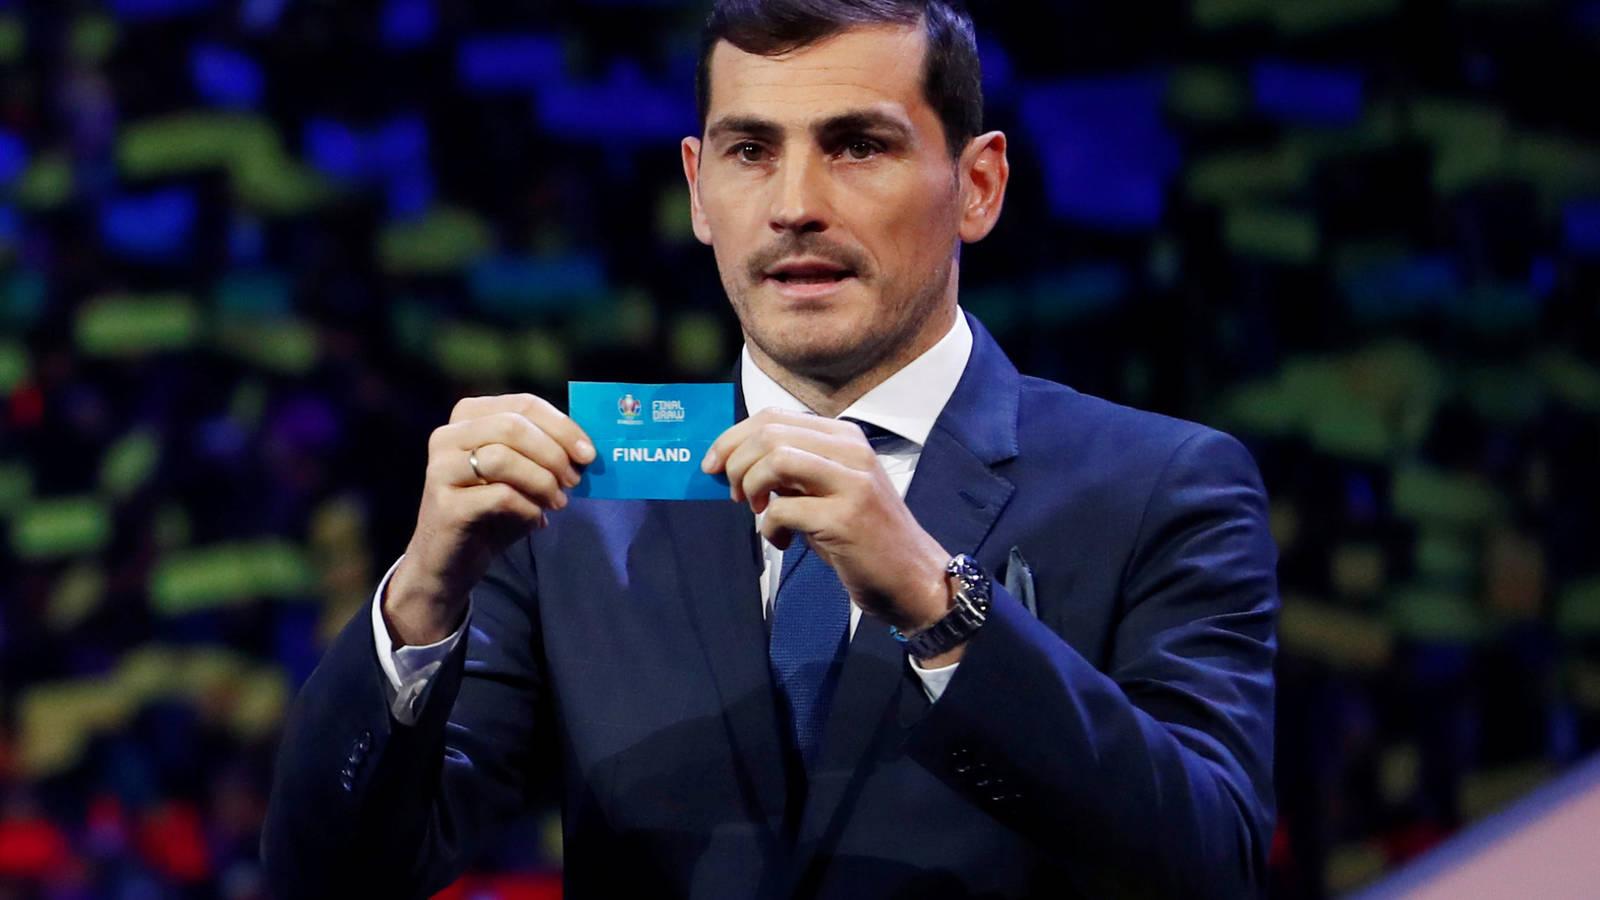 卡西说服耶罗加入竞选足协主席团队,还将接触托雷斯